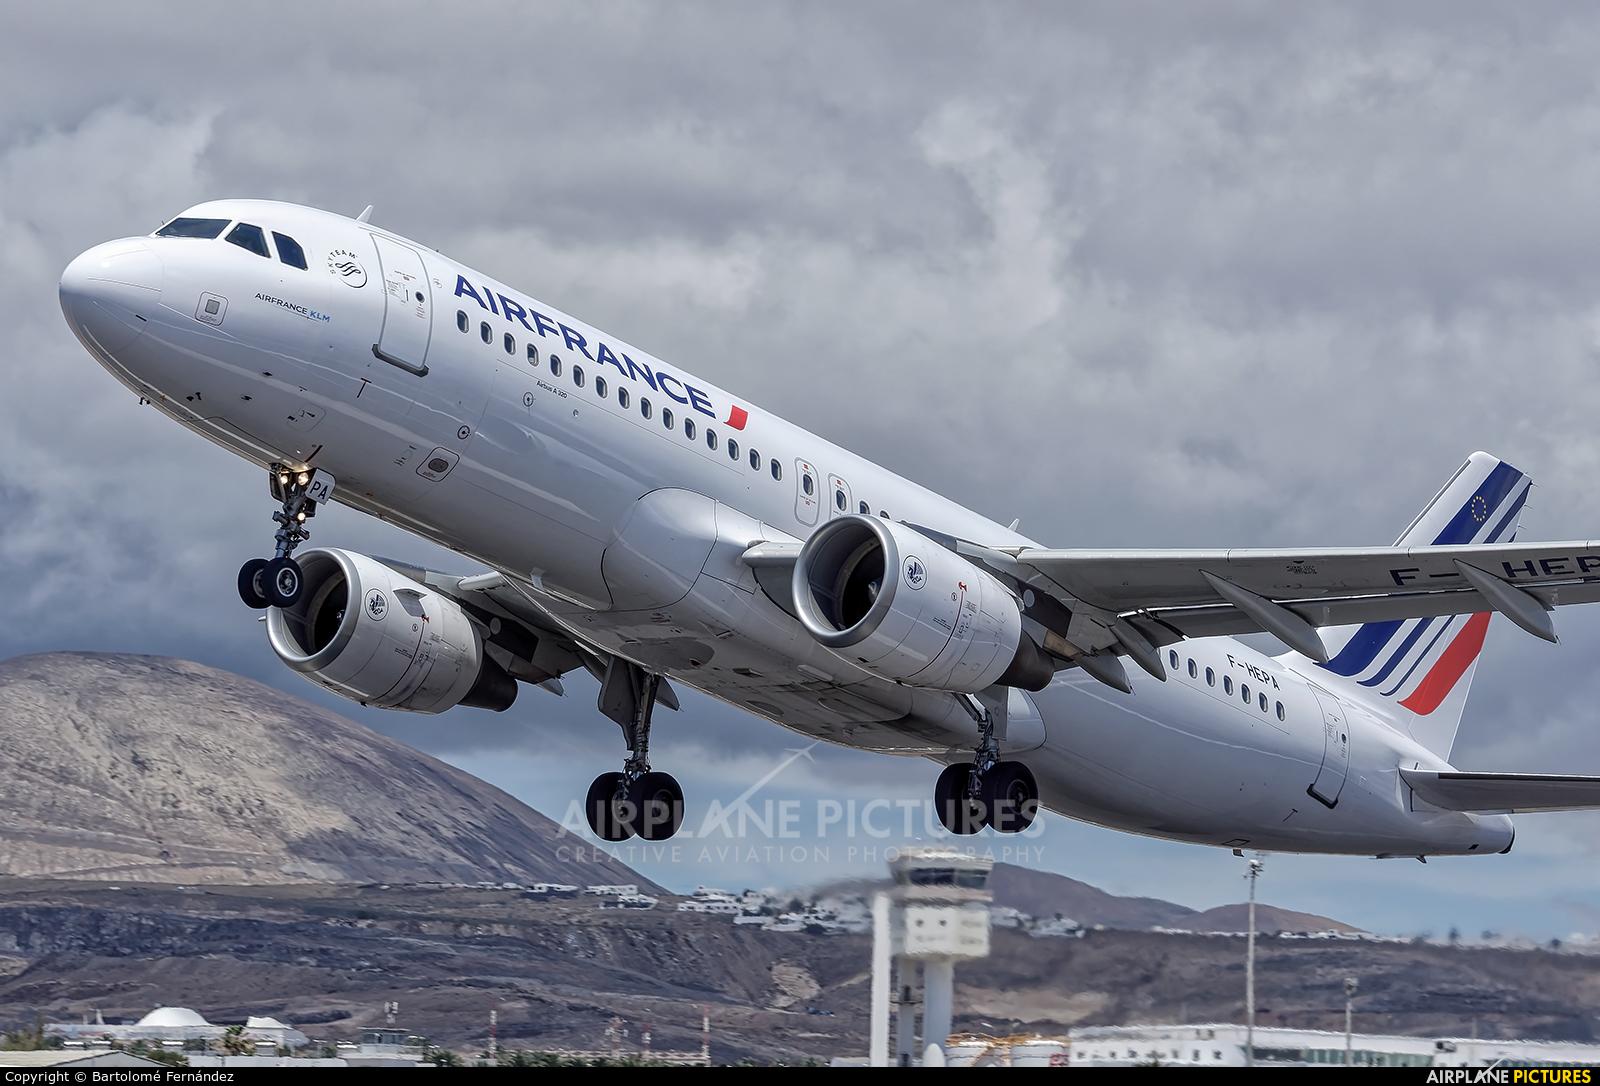 Air France F-HEPA aircraft at Lanzarote - Arrecife